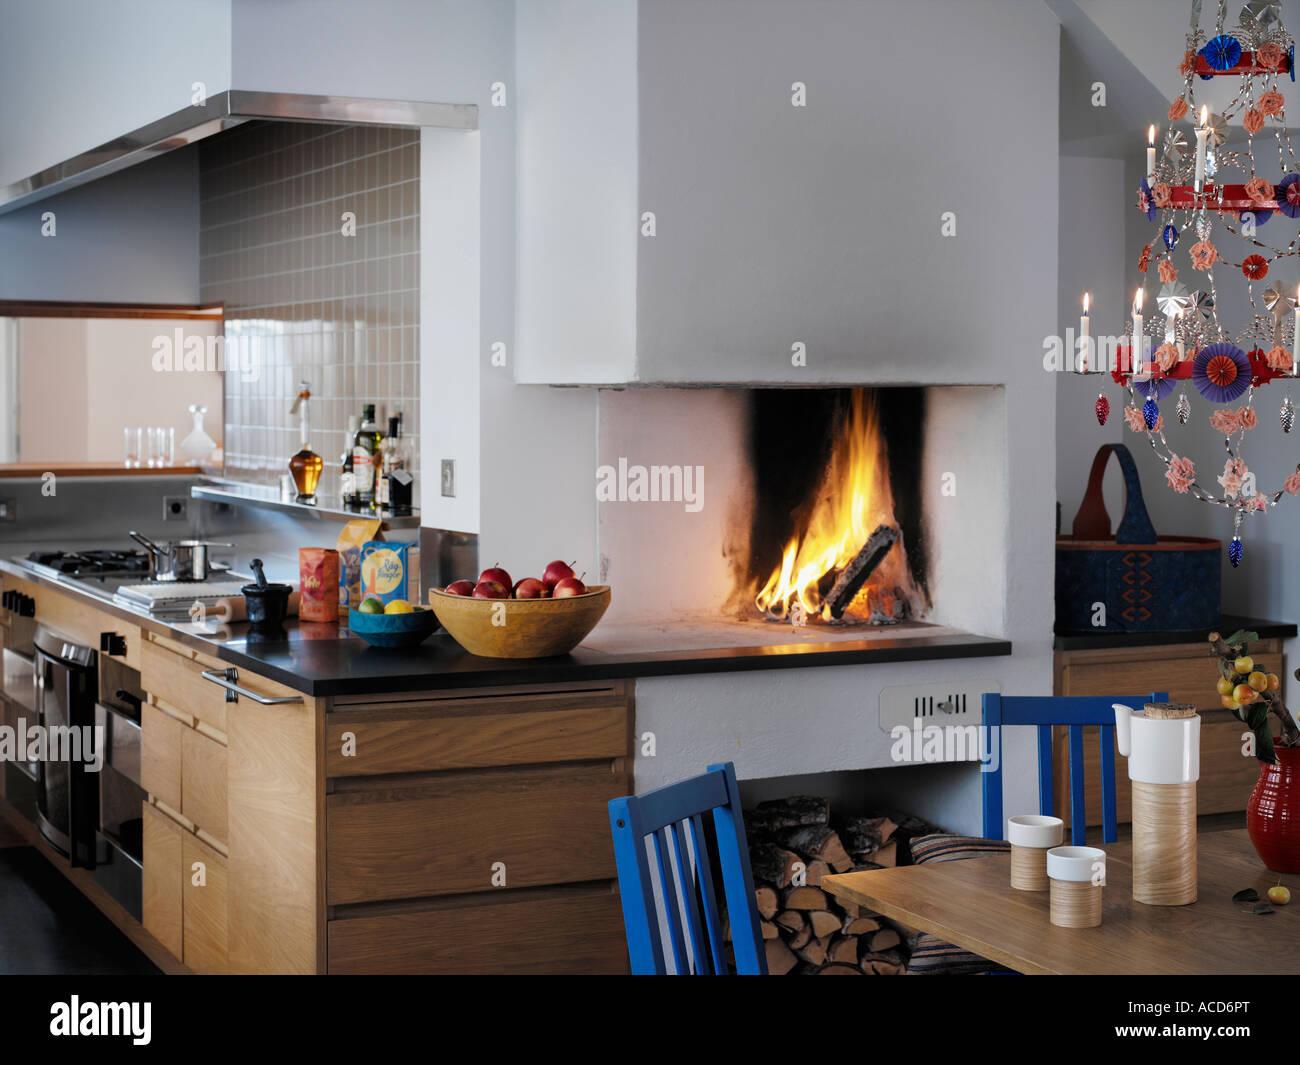 Küche mit Kamin Stockfoto, Bild: 13120175 - Alamy